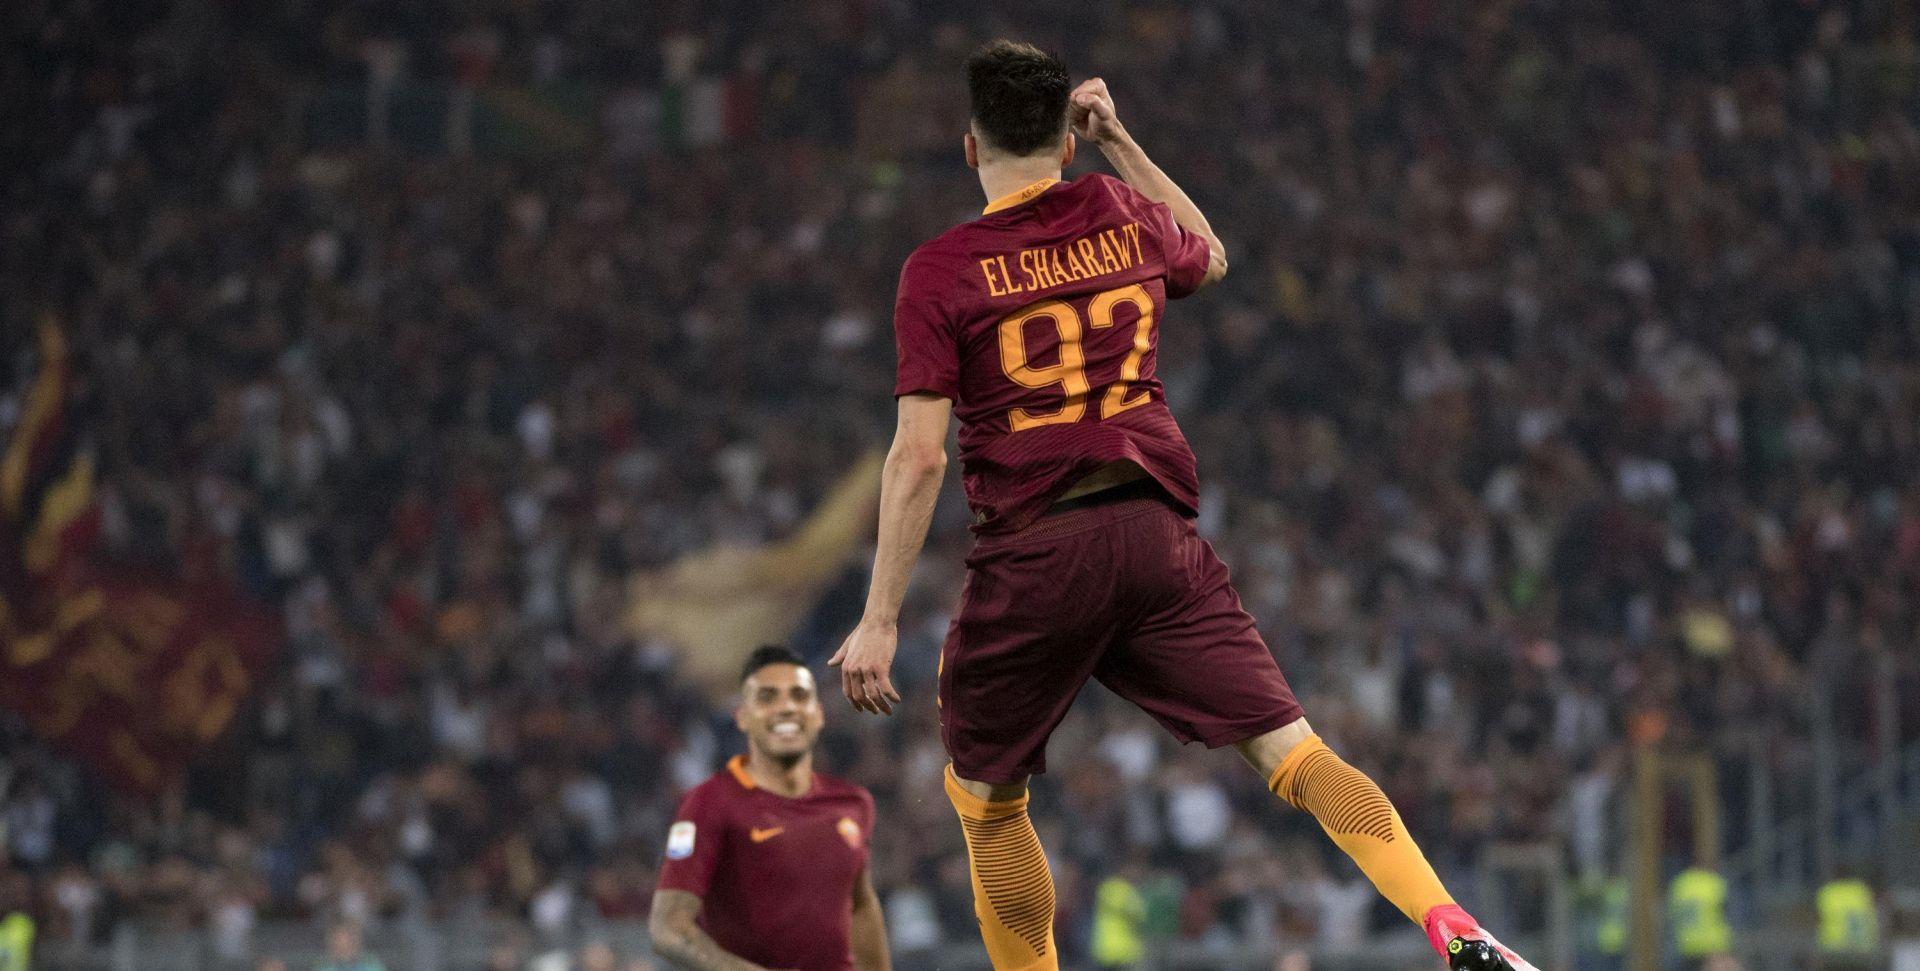 SERIE A Roma kod kuće svladala Juventus i zadržala izglede za osvajanje naslova prvaka